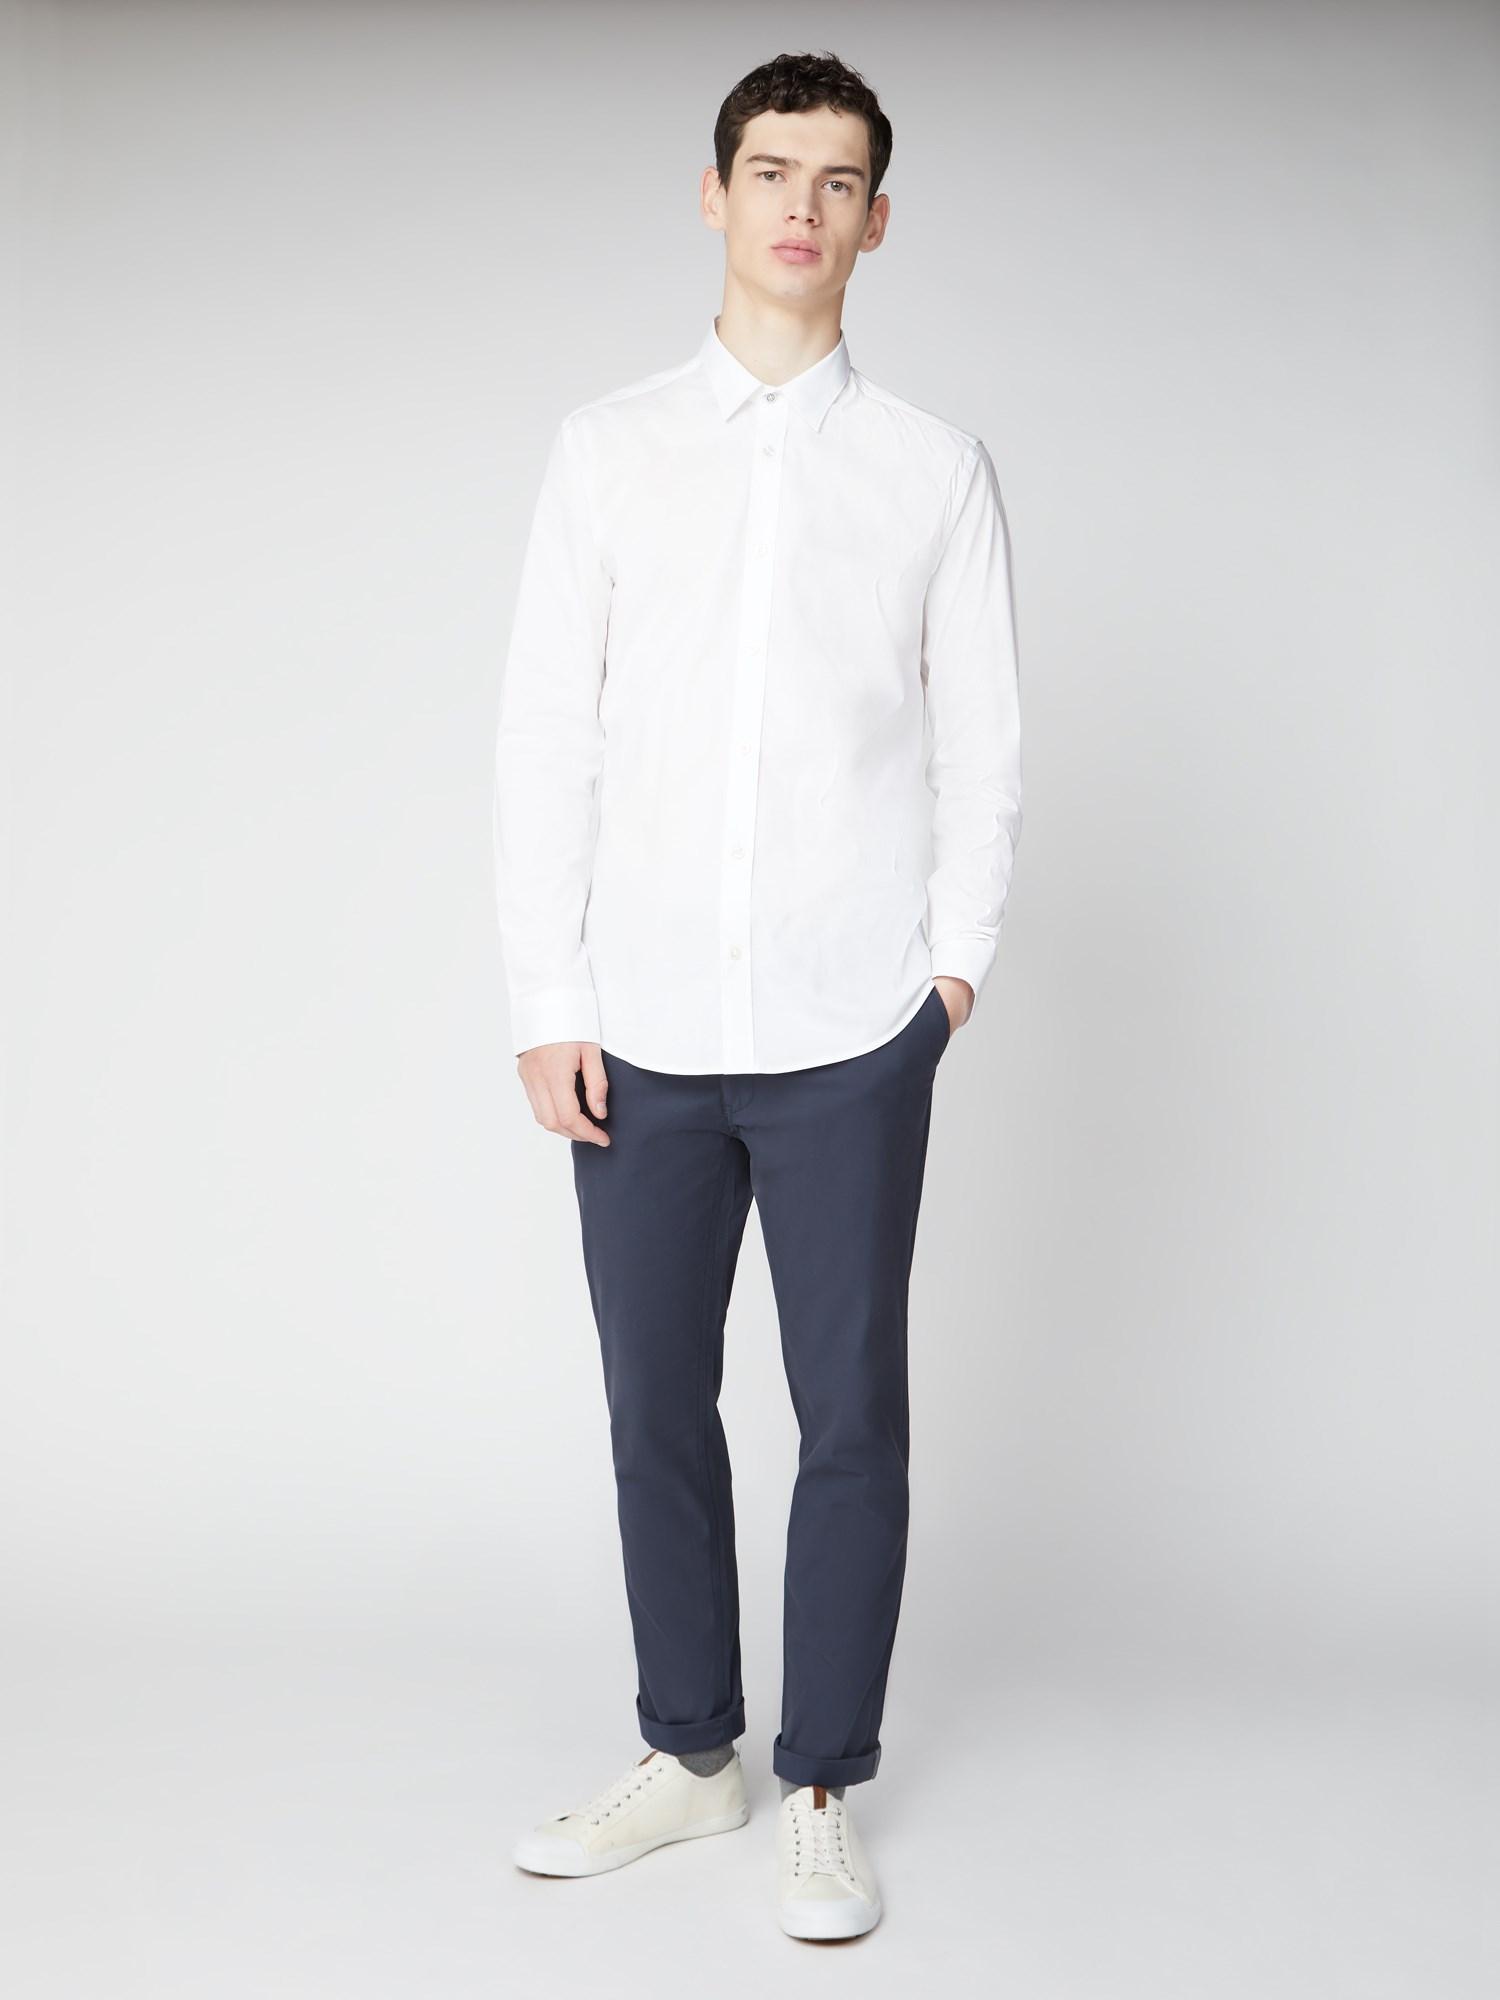 White Stretch Poplin Formal Shirt   Ben Sherman   Est 20